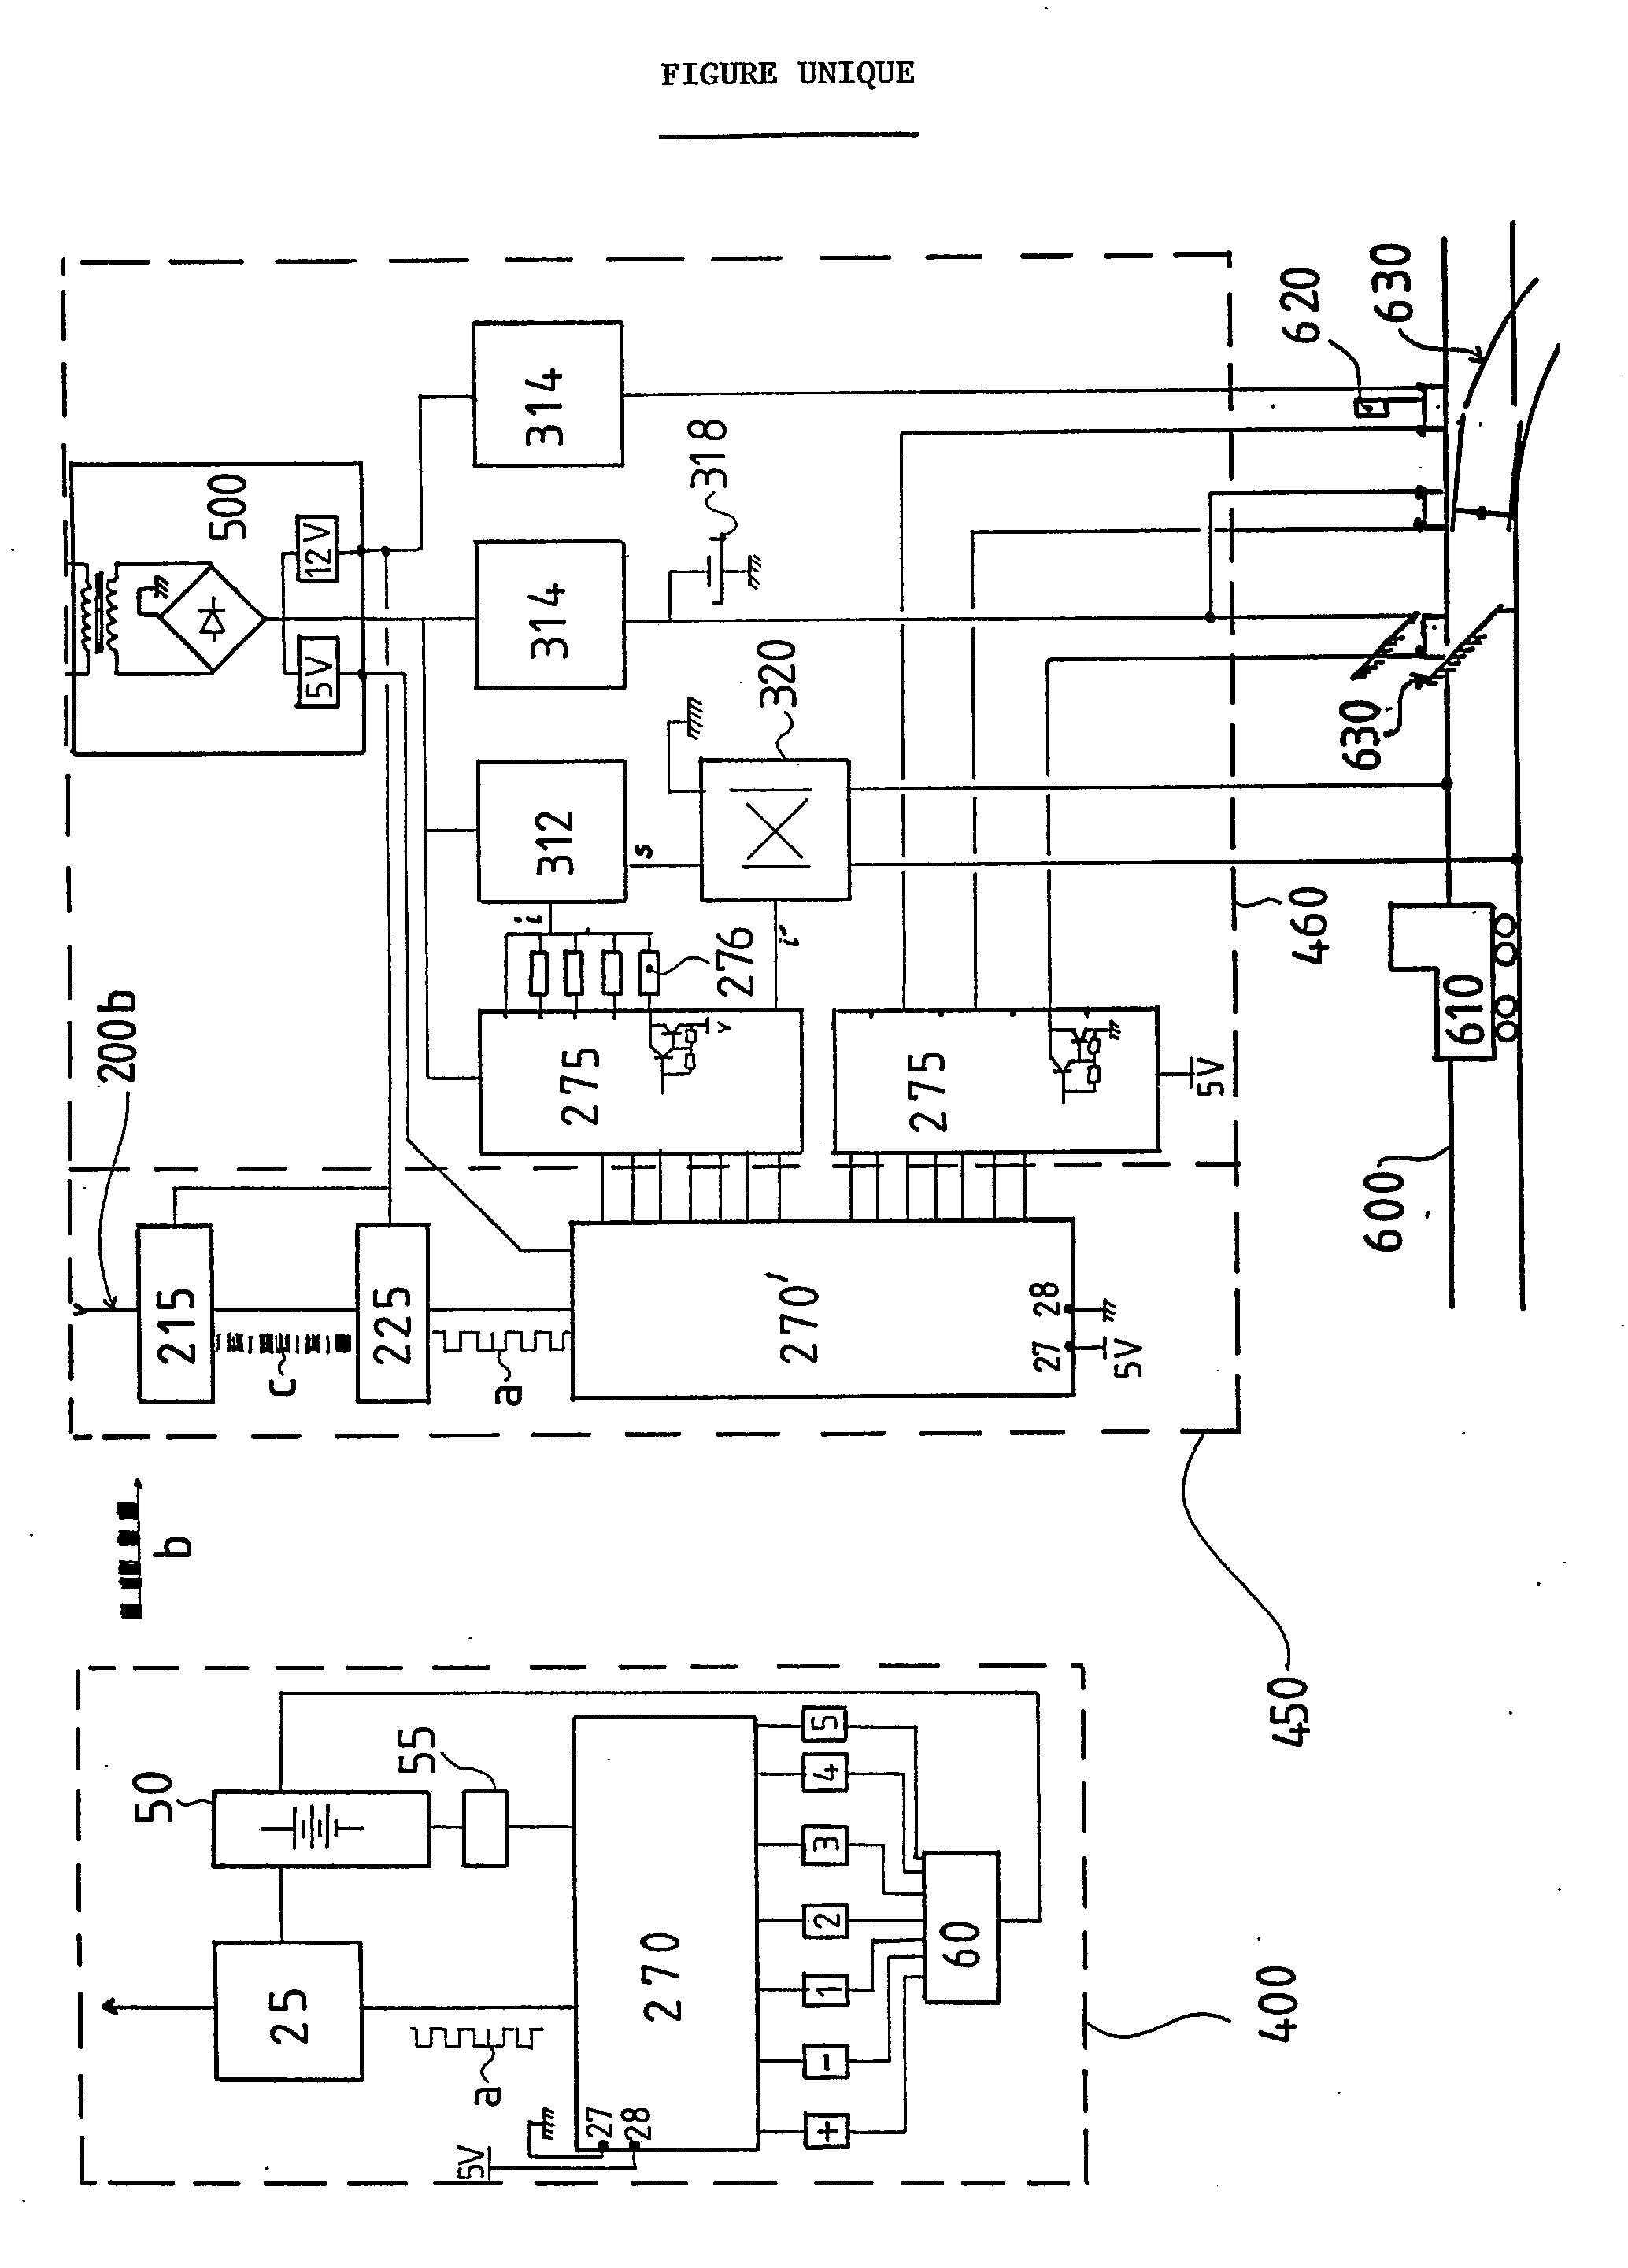 patent ep0381594a1 dispositif de commande distance pour une installation de jouet lectrique. Black Bedroom Furniture Sets. Home Design Ideas